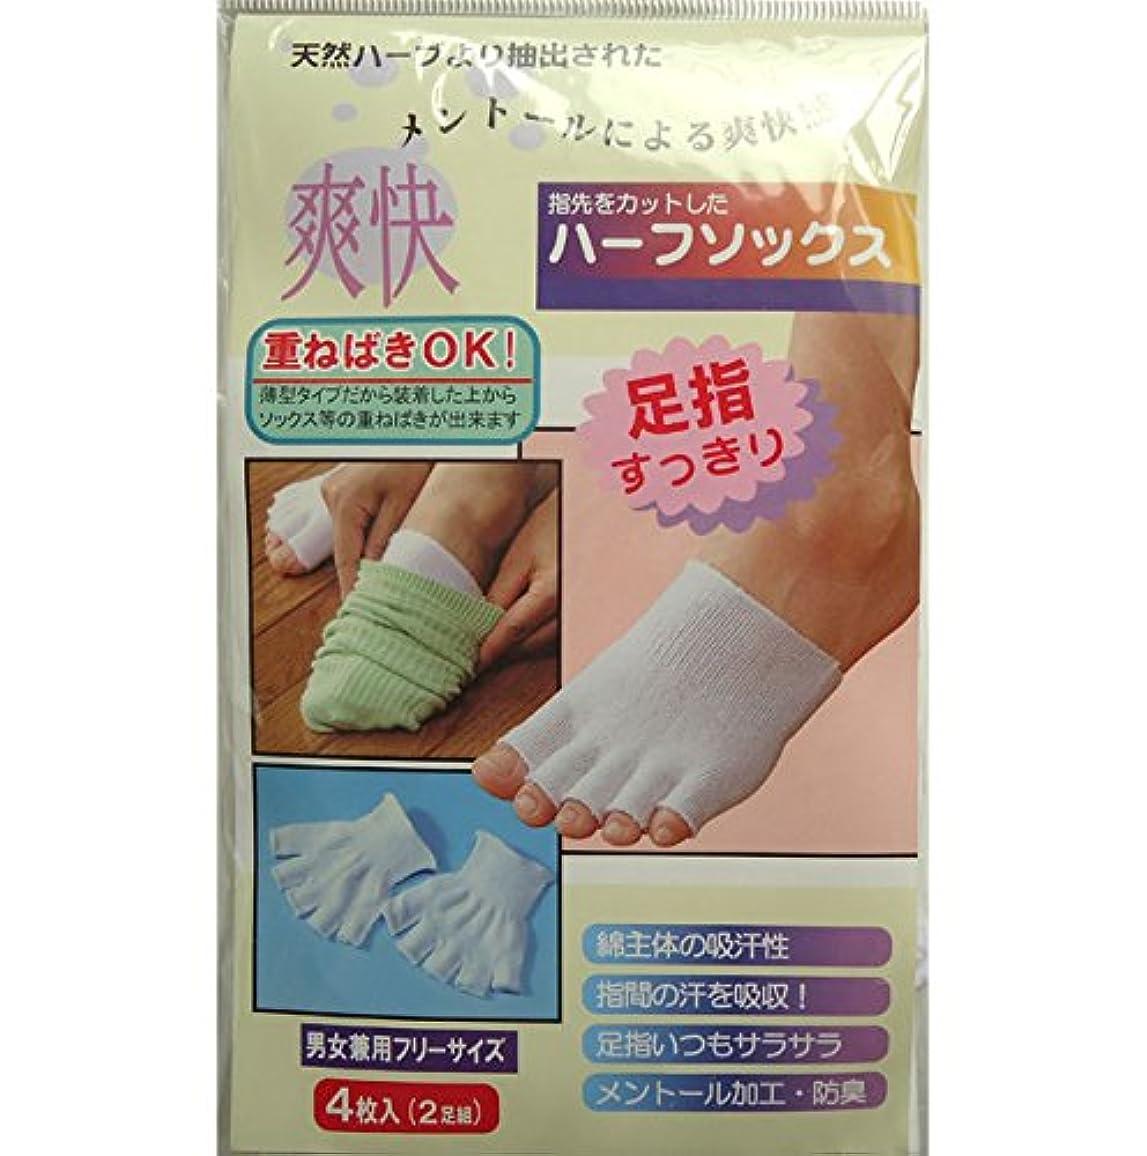 安全でない避ける失業者日本製 ハーフソックス 5本指 綿 抗菌防臭 メンズ レディースお買得2足組(ホワイト)